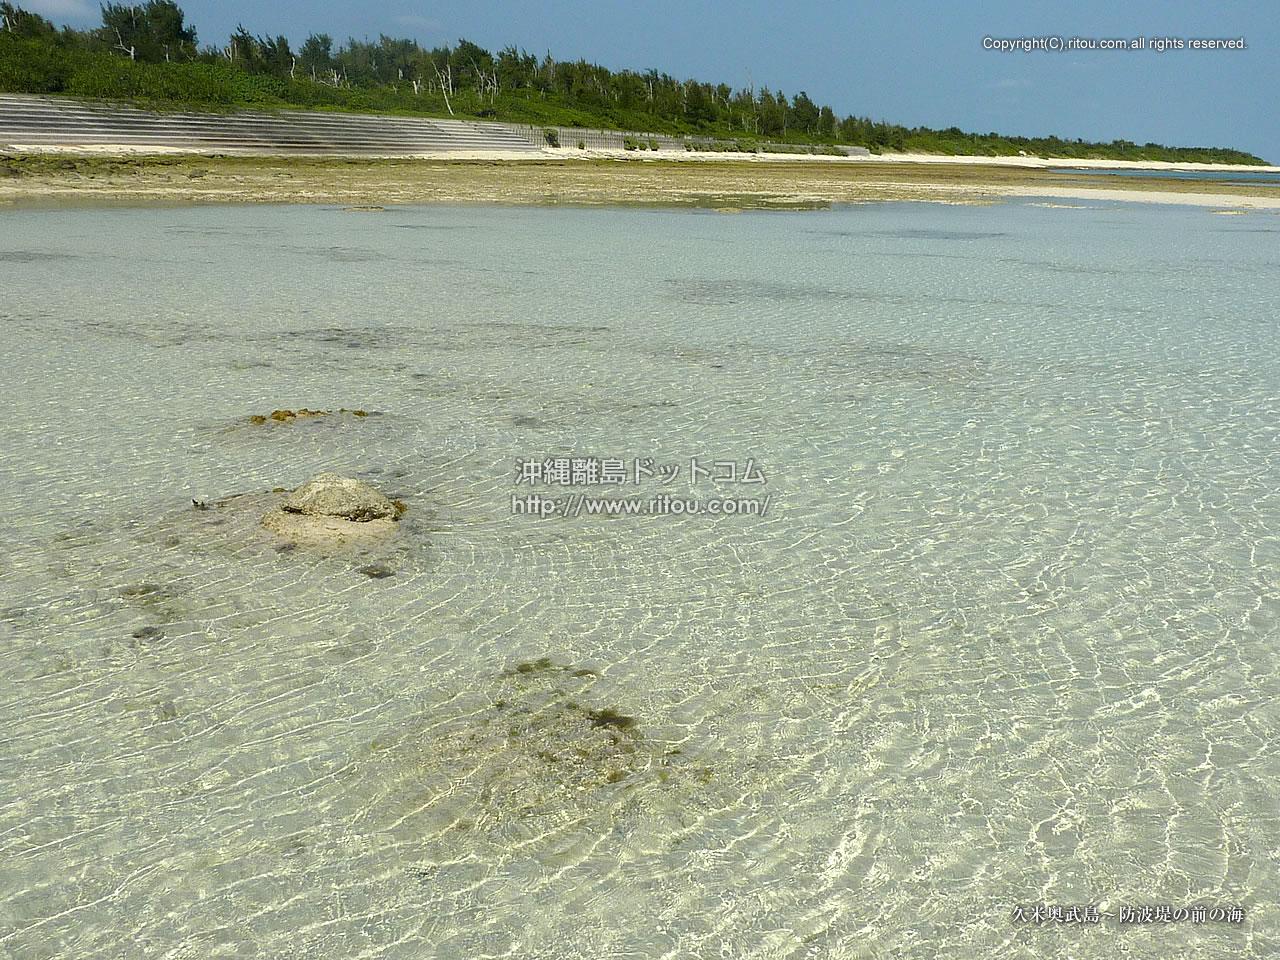 久米奥武島〜防波堤の前の海